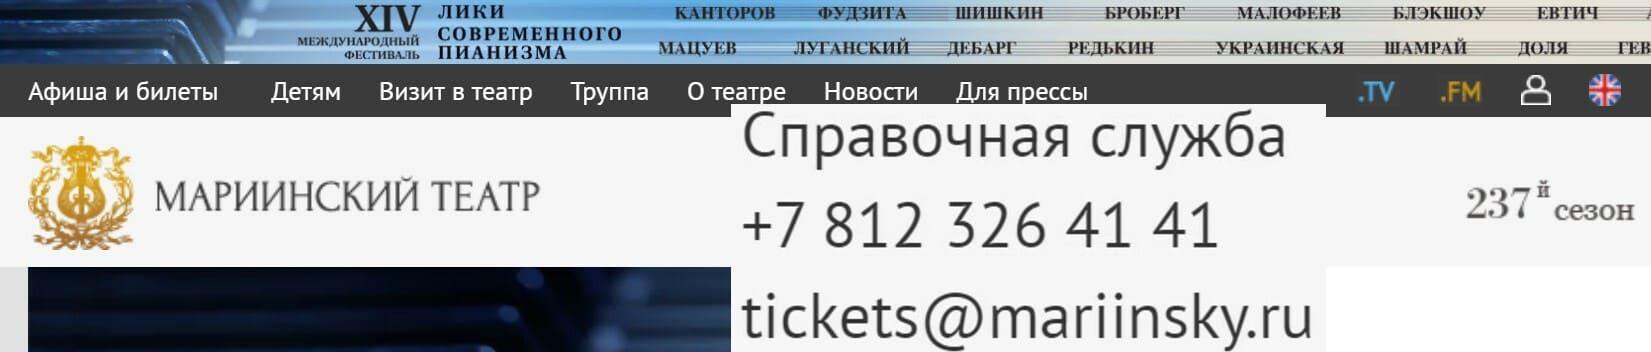 Сайт Мариинского Театра